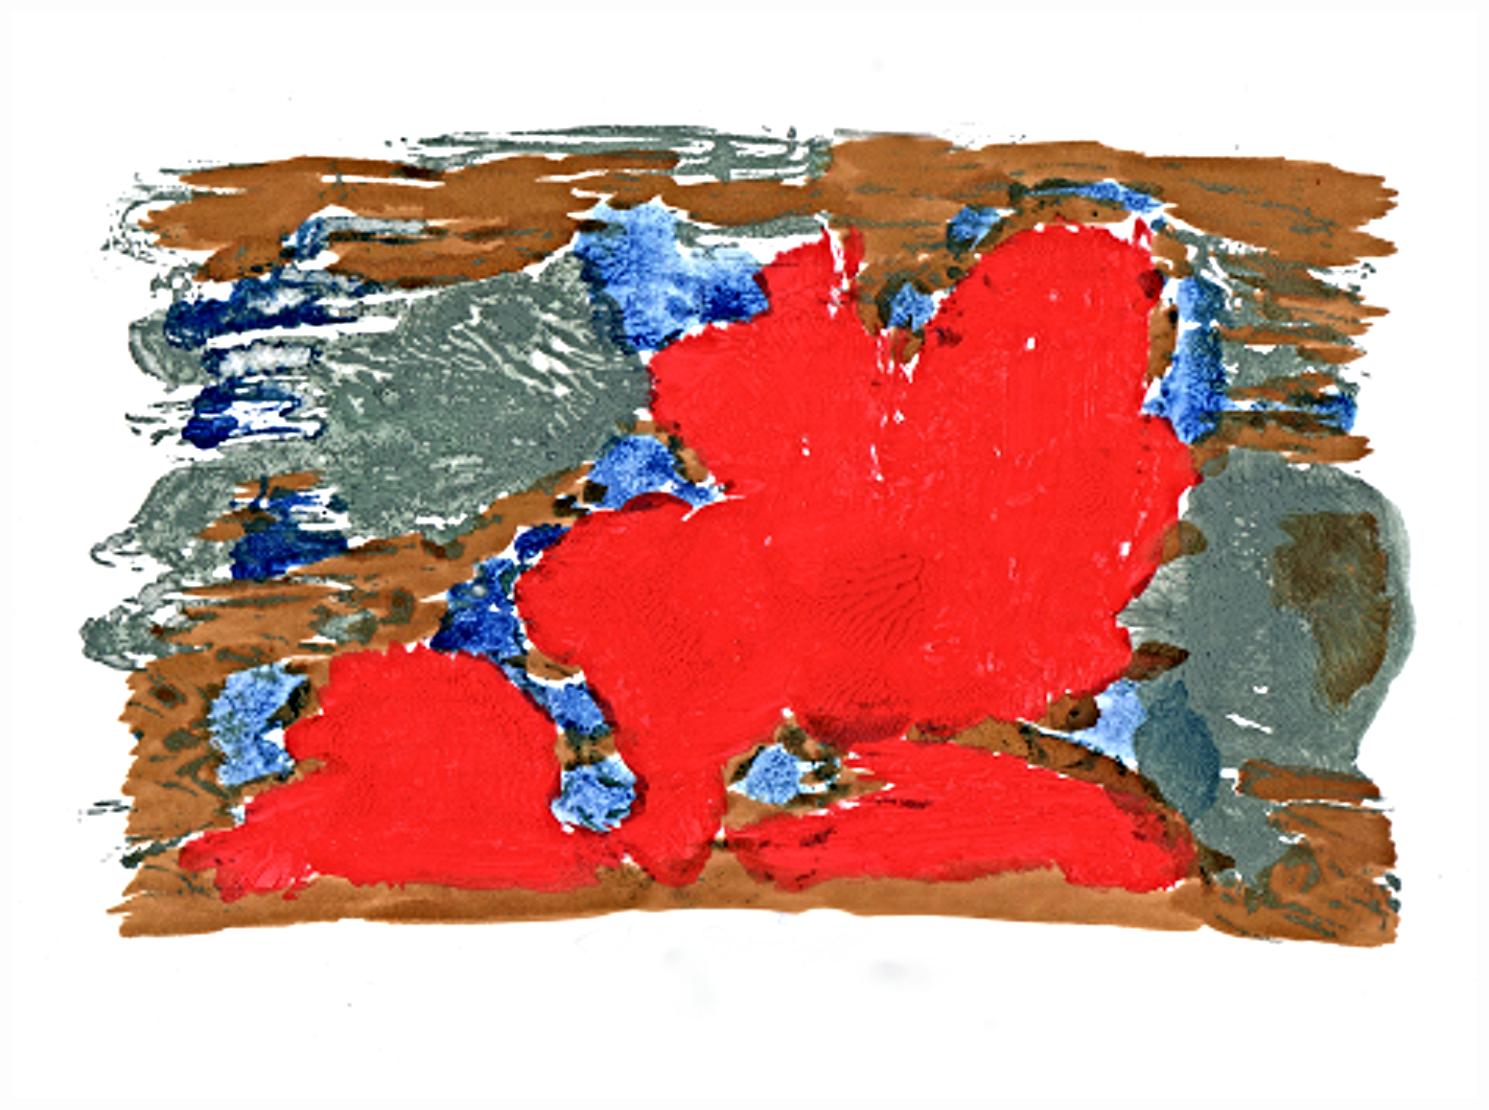 Jan Dočekal: Kontinenty v Červeném moři, akryl na papíře, 21 x 29 cm, 2020. Foto: Jan Dočekal.